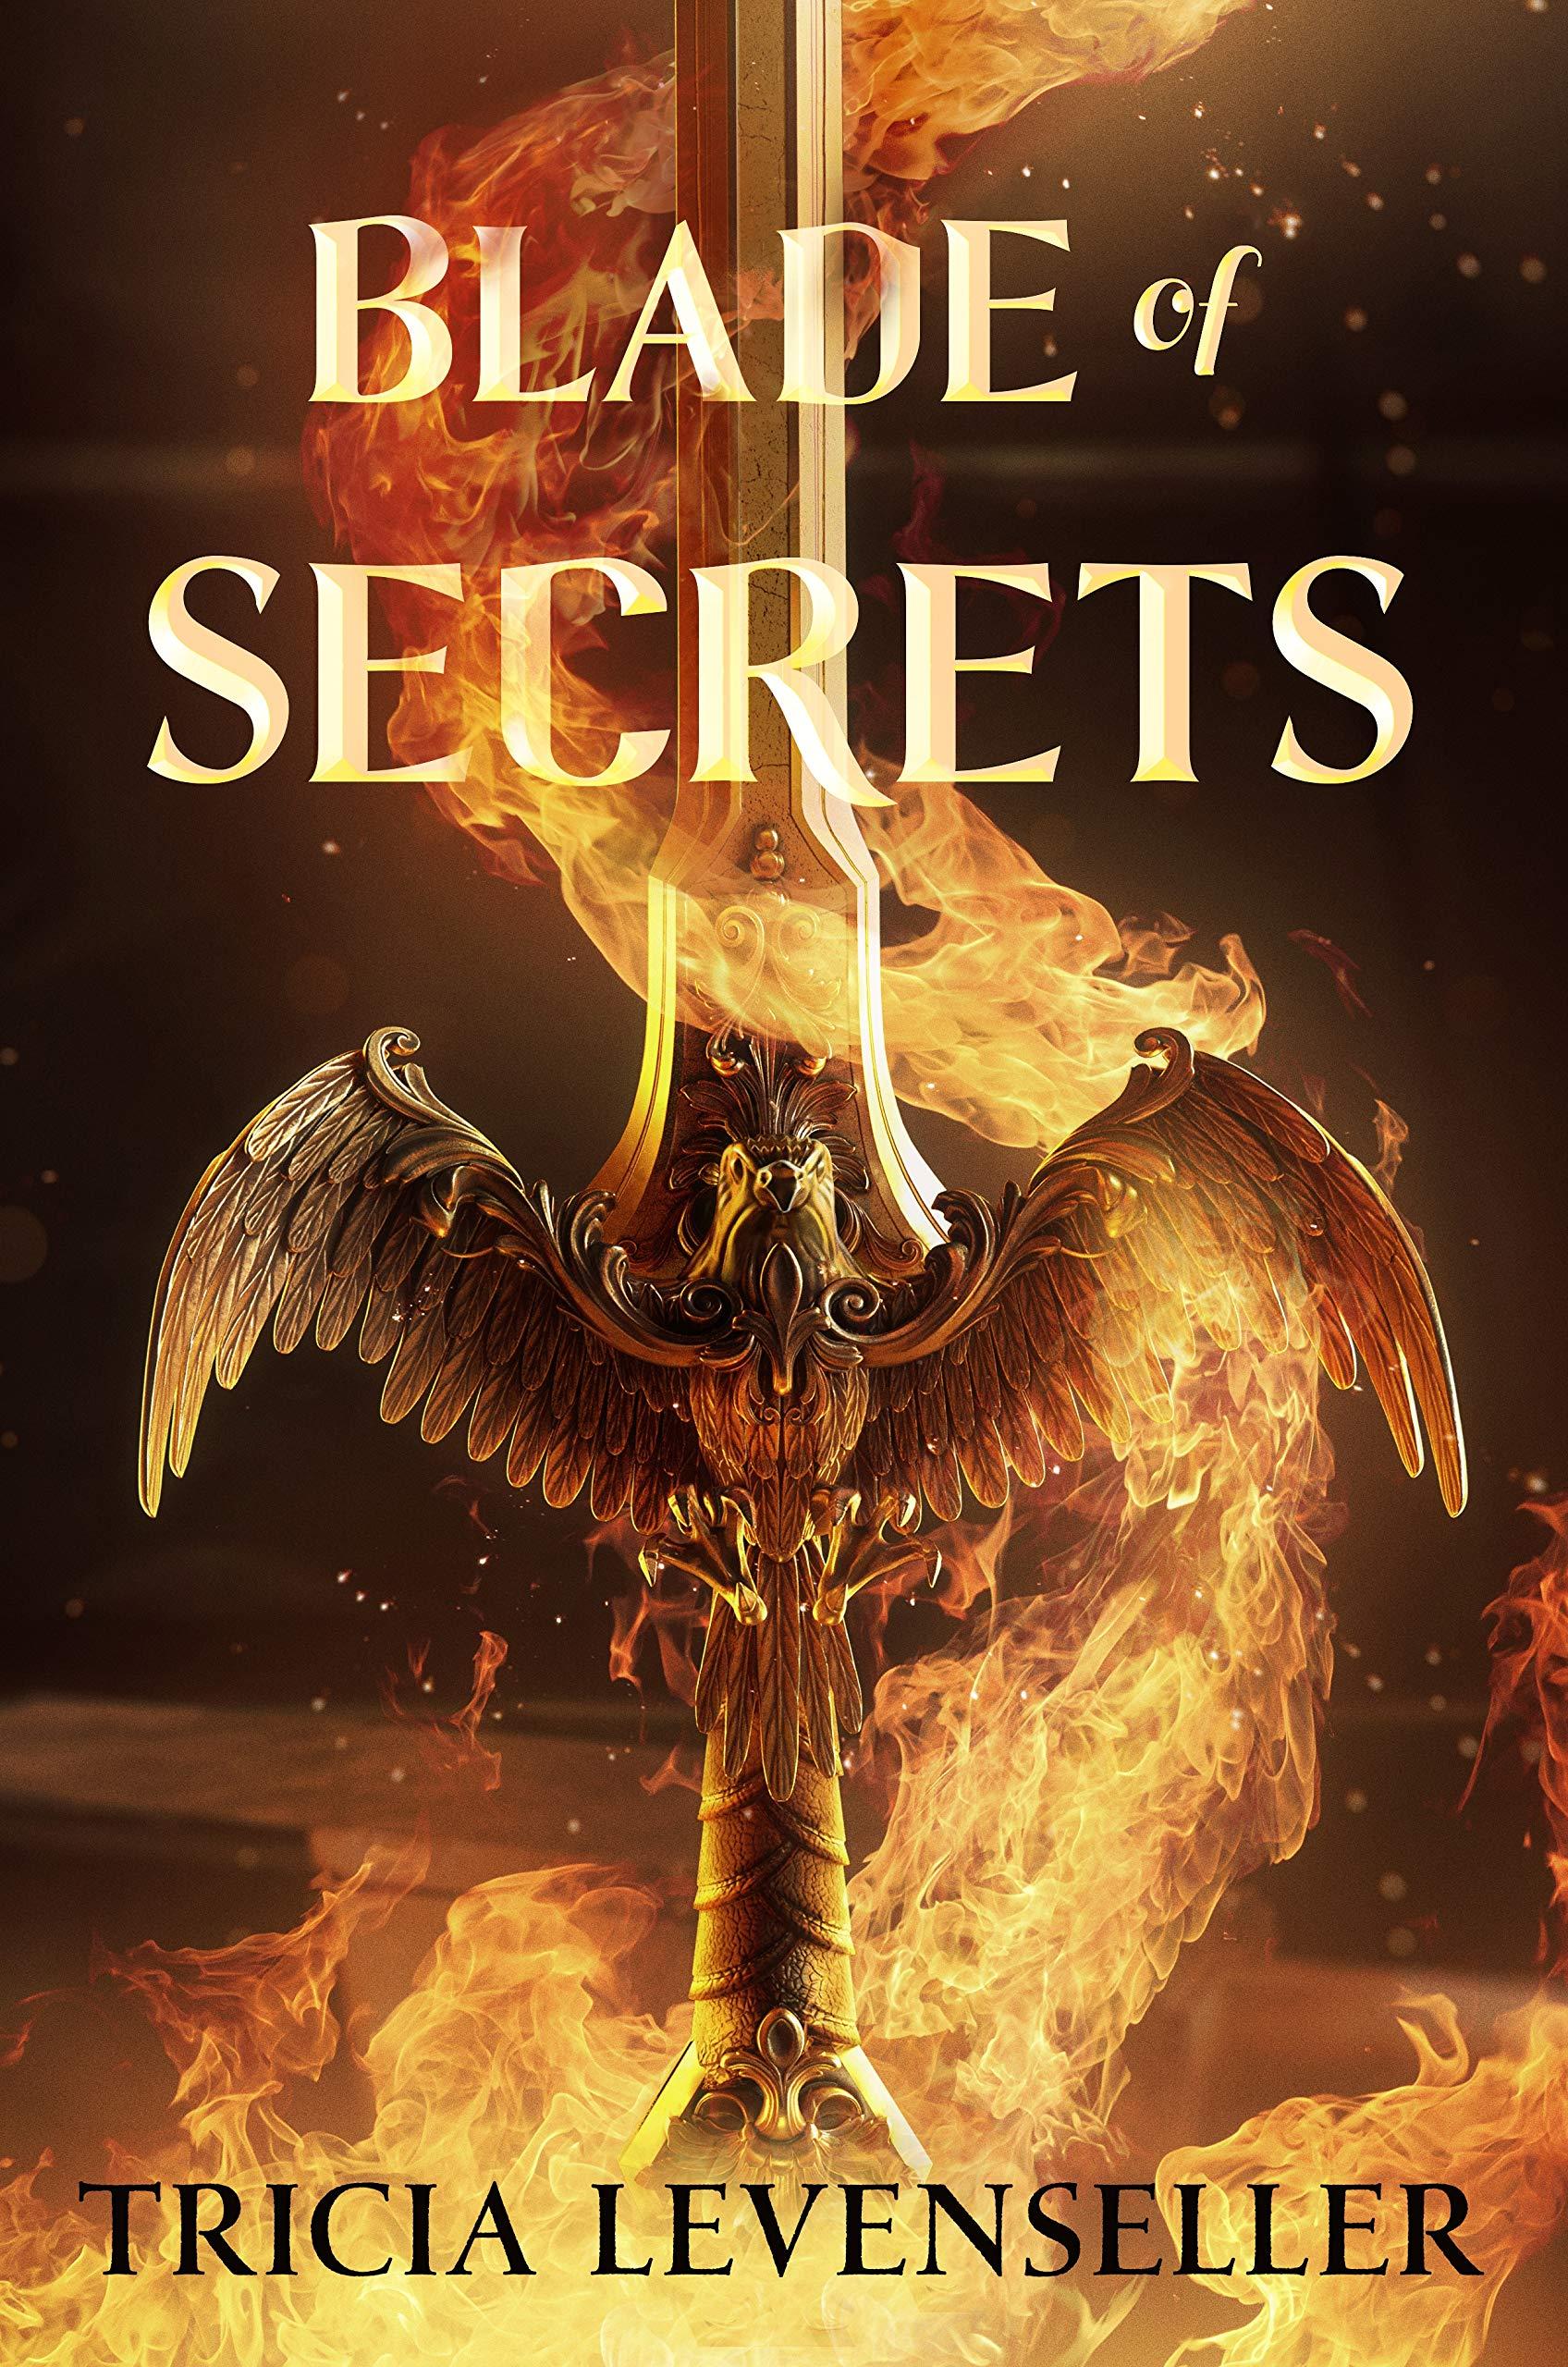 Blade of Secrets: Amazon.ca: Levenseller, Tricia: Books